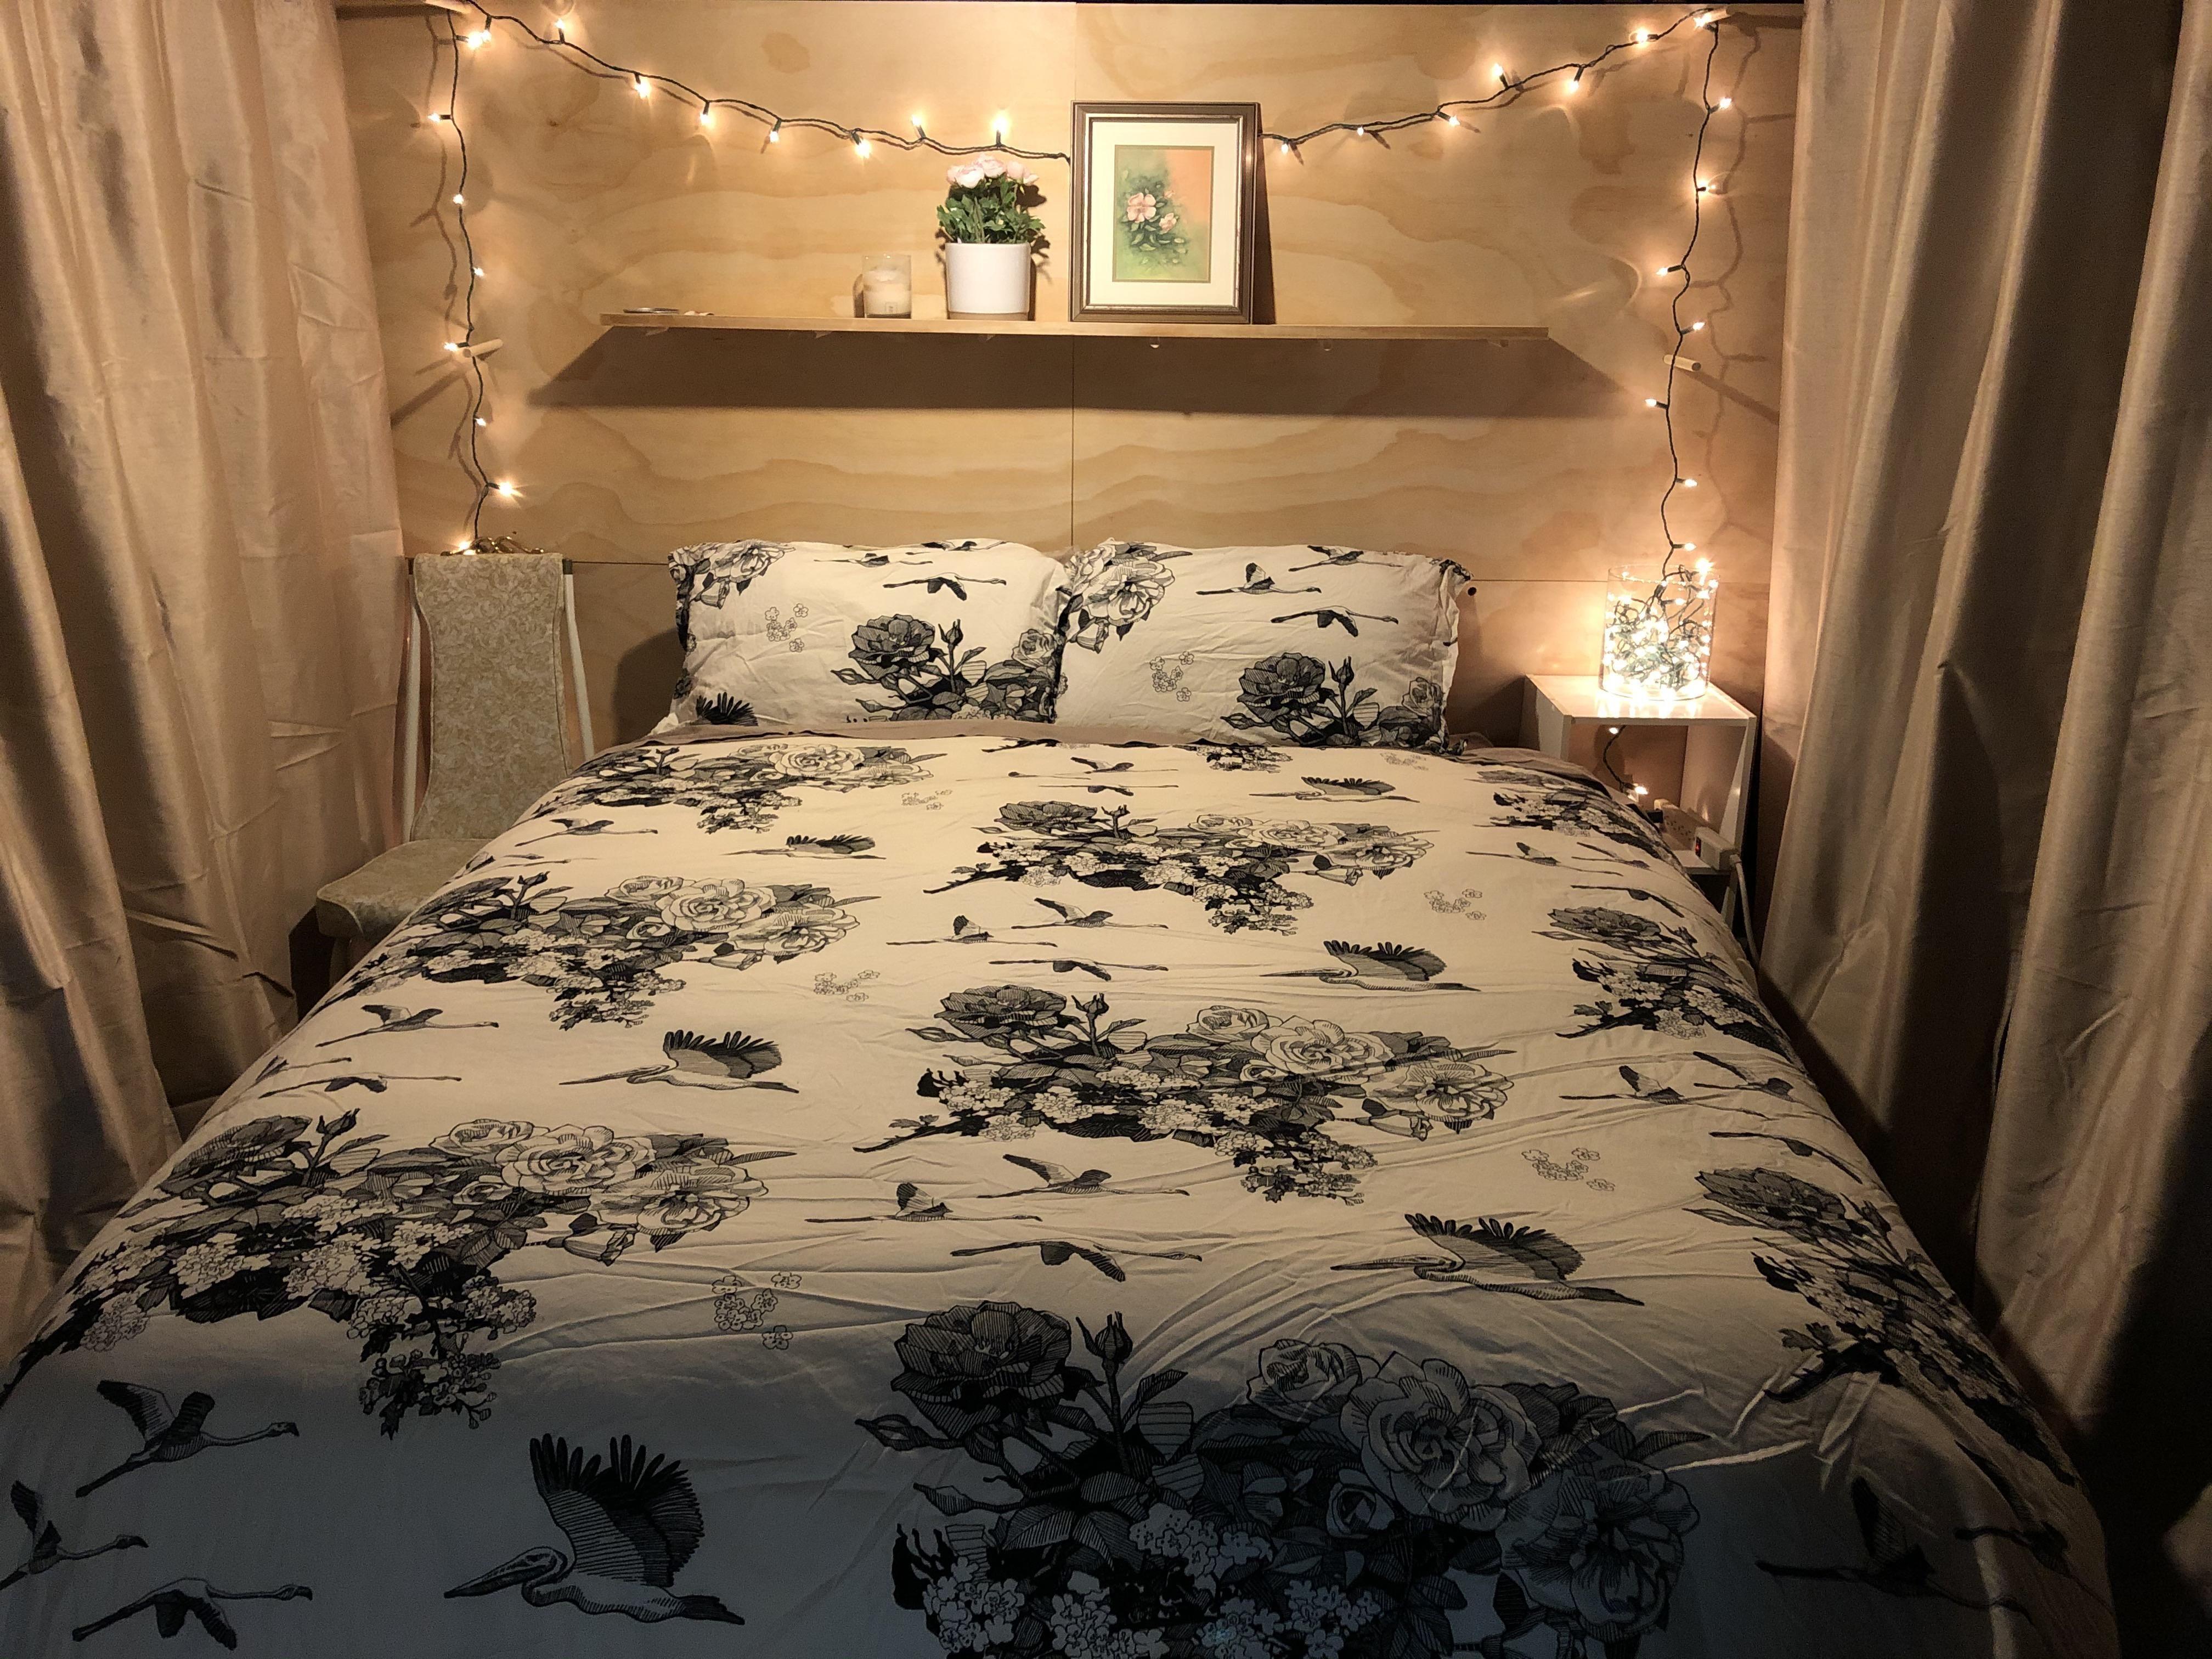 Cozy Place Bedroom Decor Design Guest Bedroom Bedroom Set